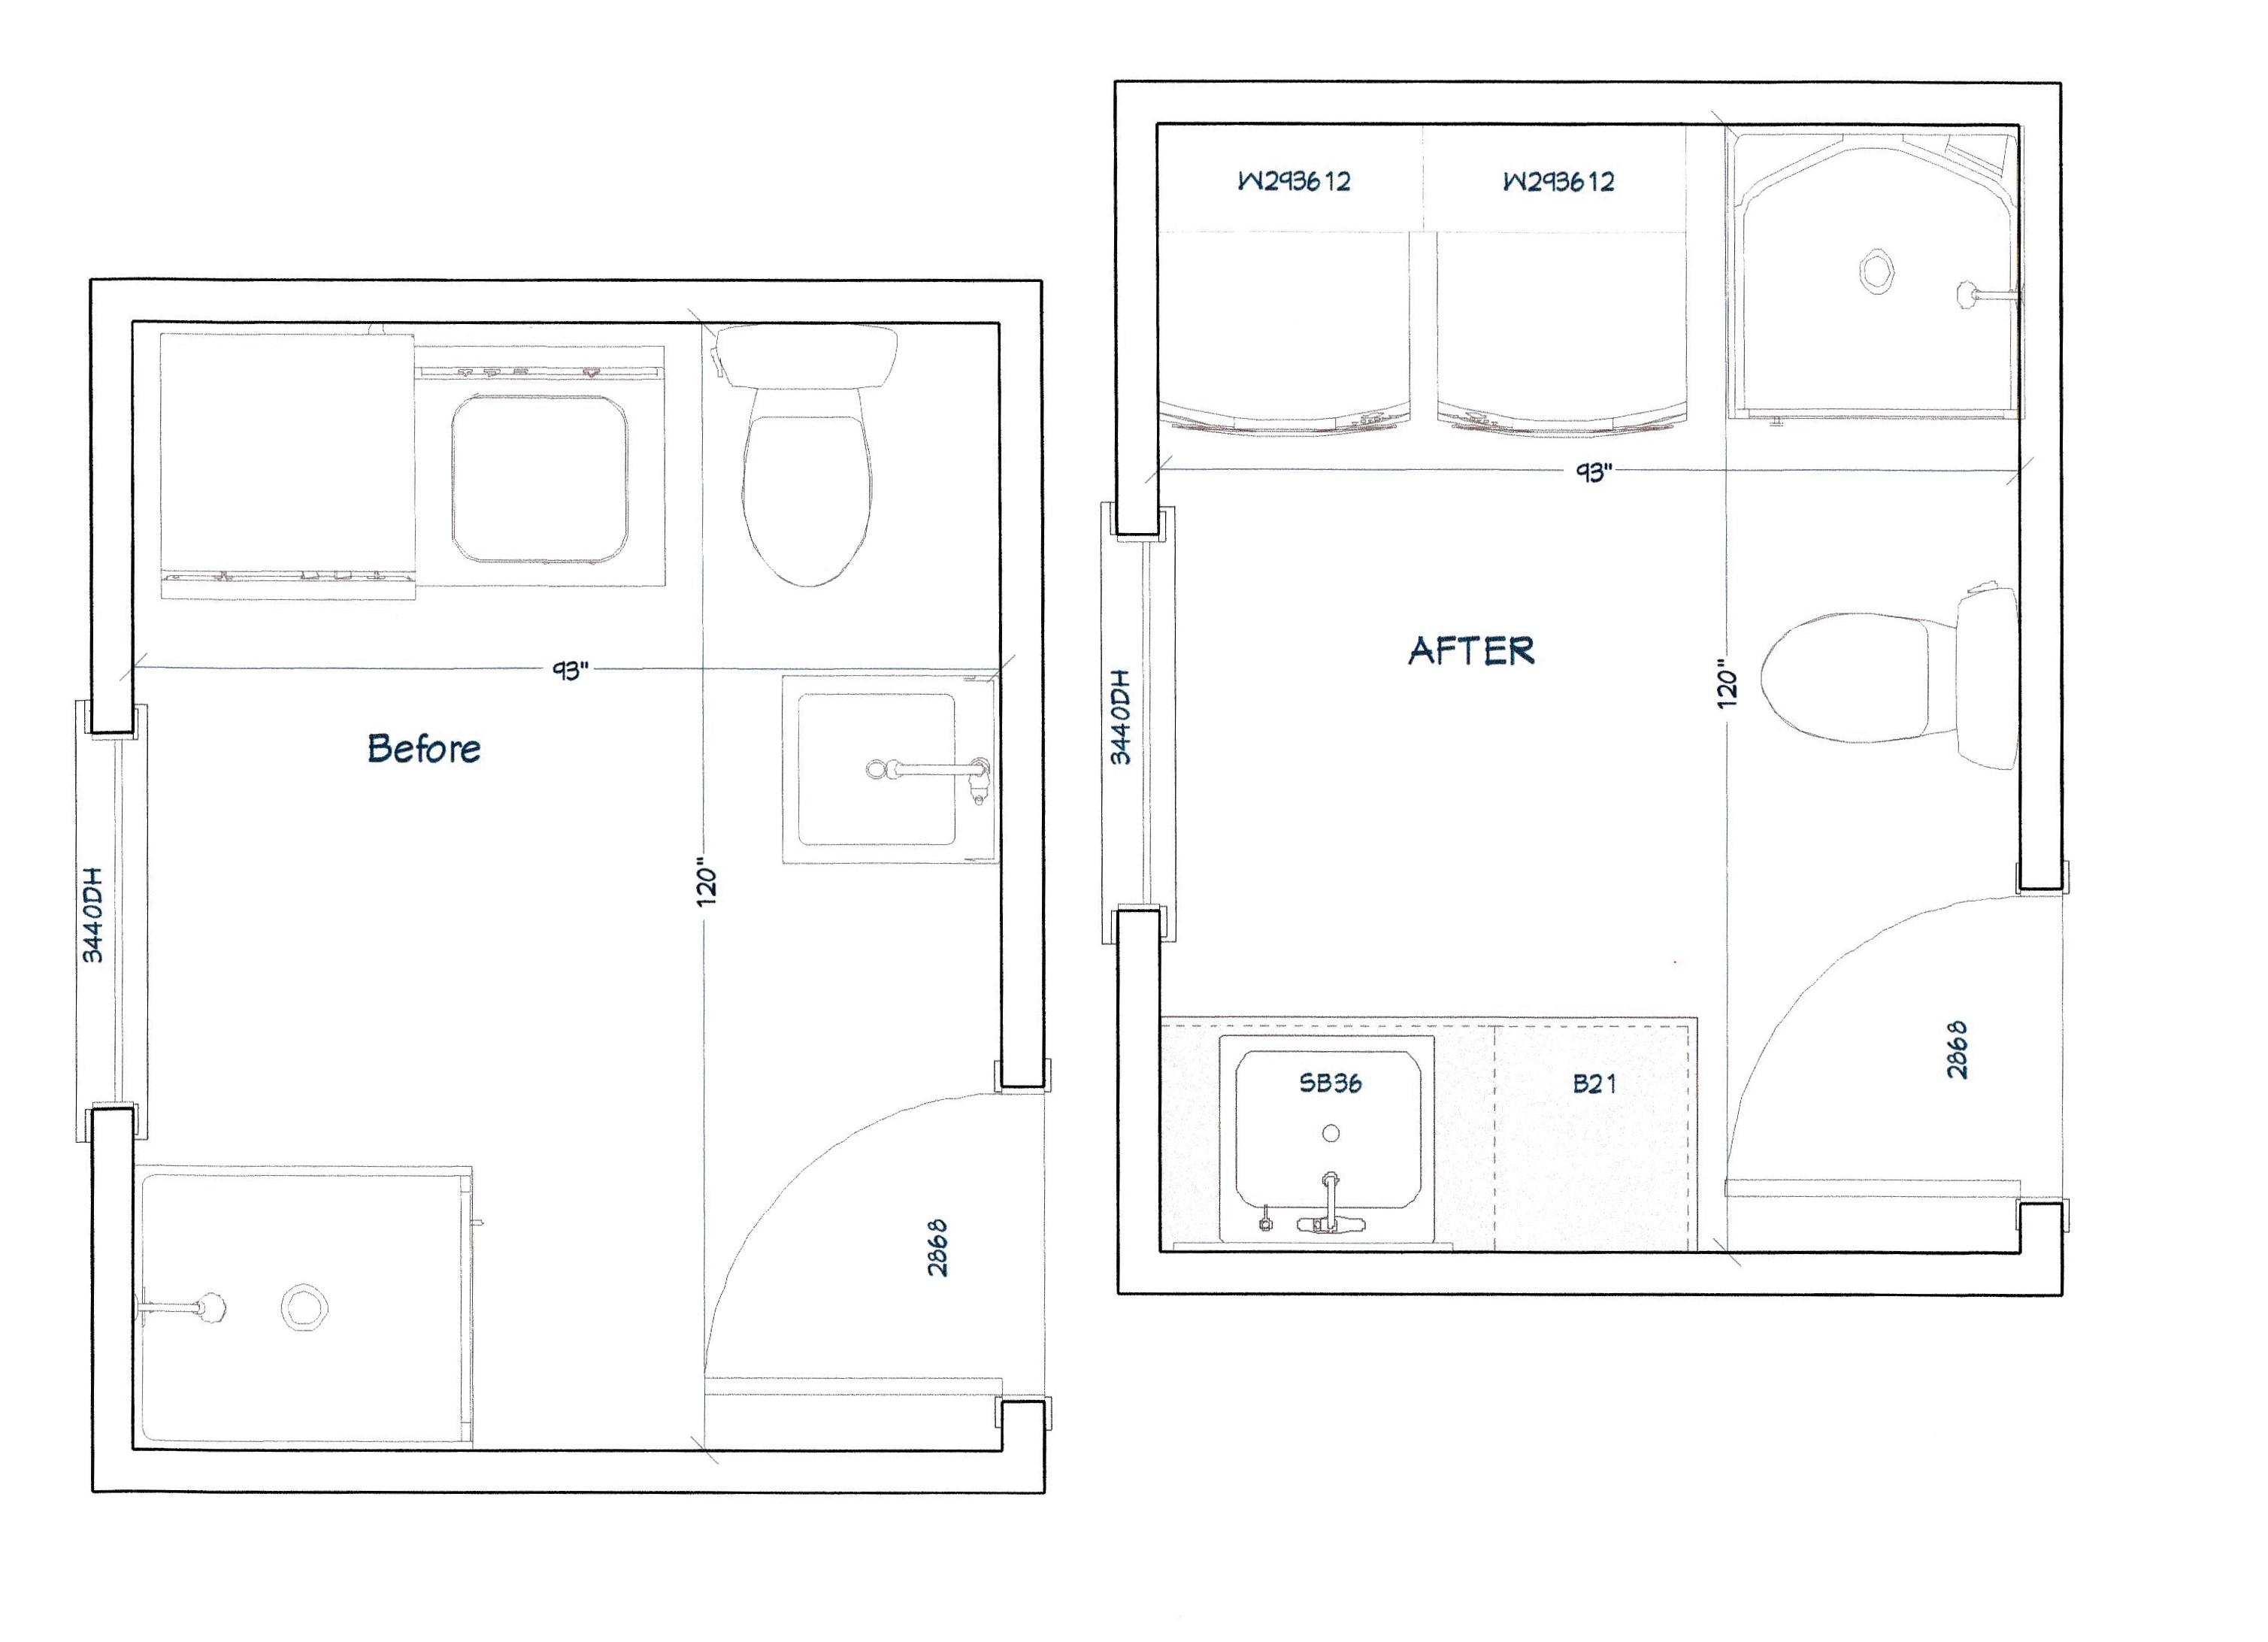 Bel Aire Bathroom Layout Pinnacle Homes Inc